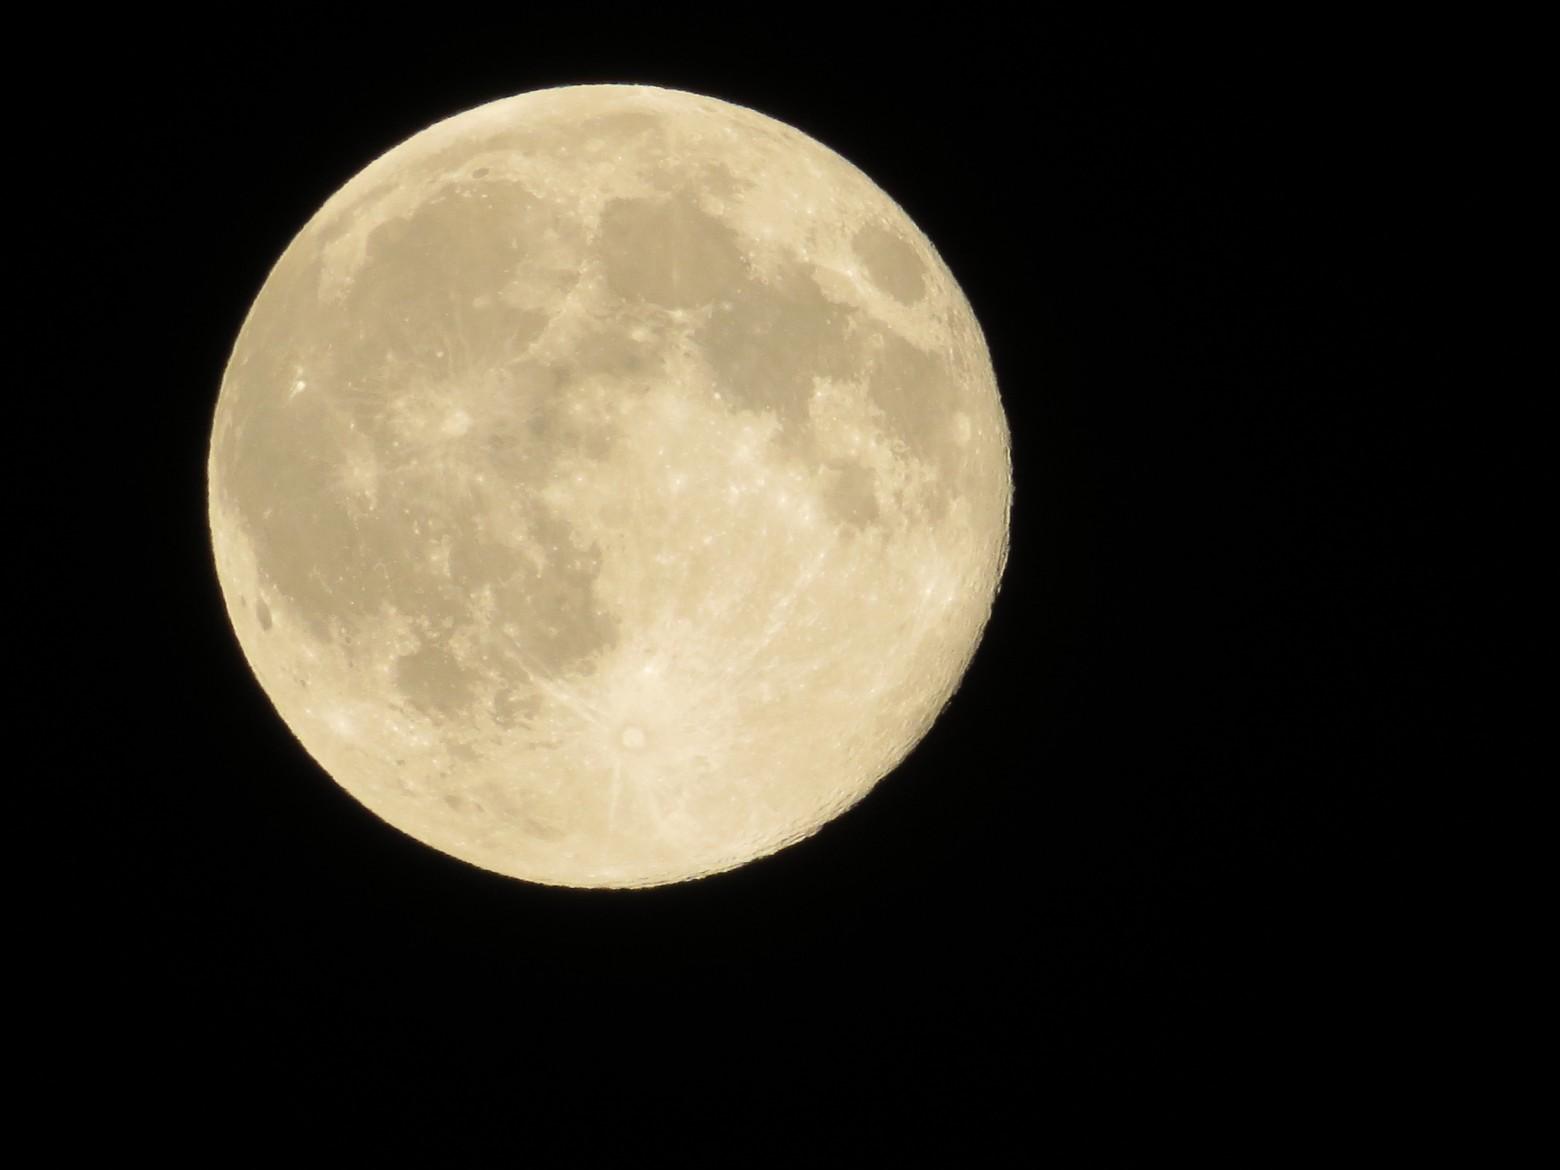 Super la pleine lune photo gratuite | images gratuites et libres de droits BA48